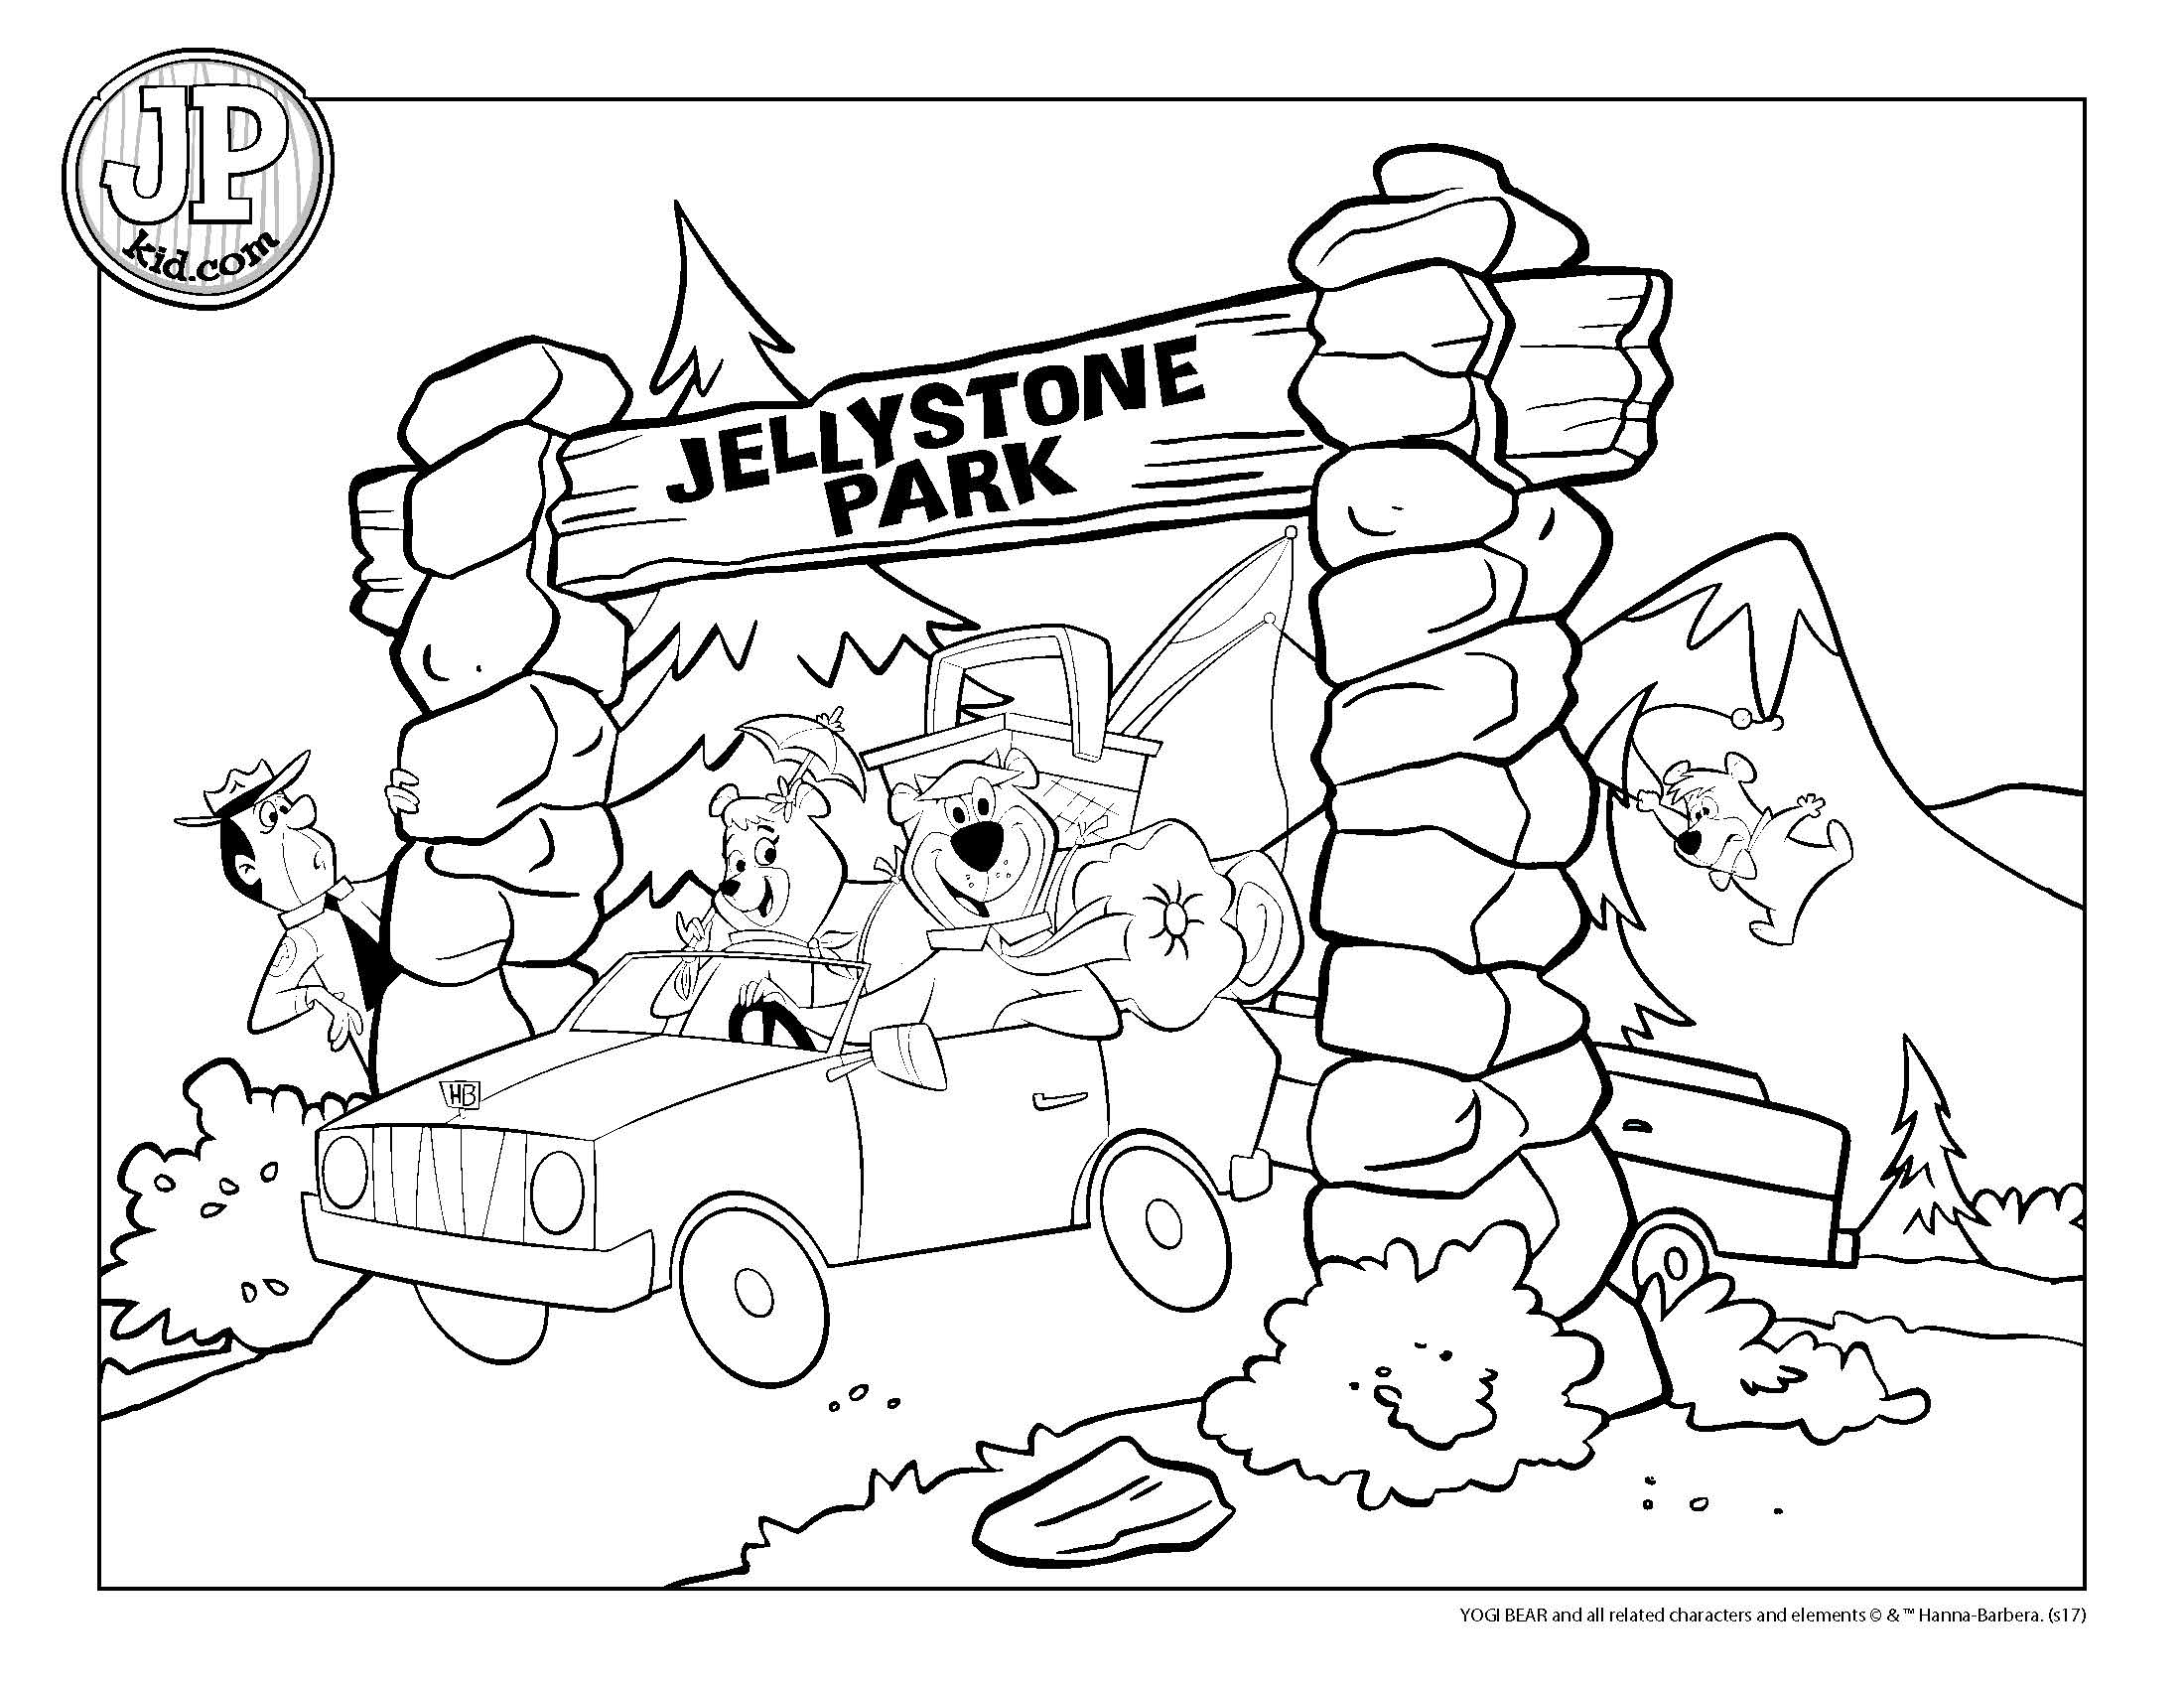 Yogi Bear Coloring Page Jpkid Coloring Page Thru Arch Yogi Bears Jellystone Park